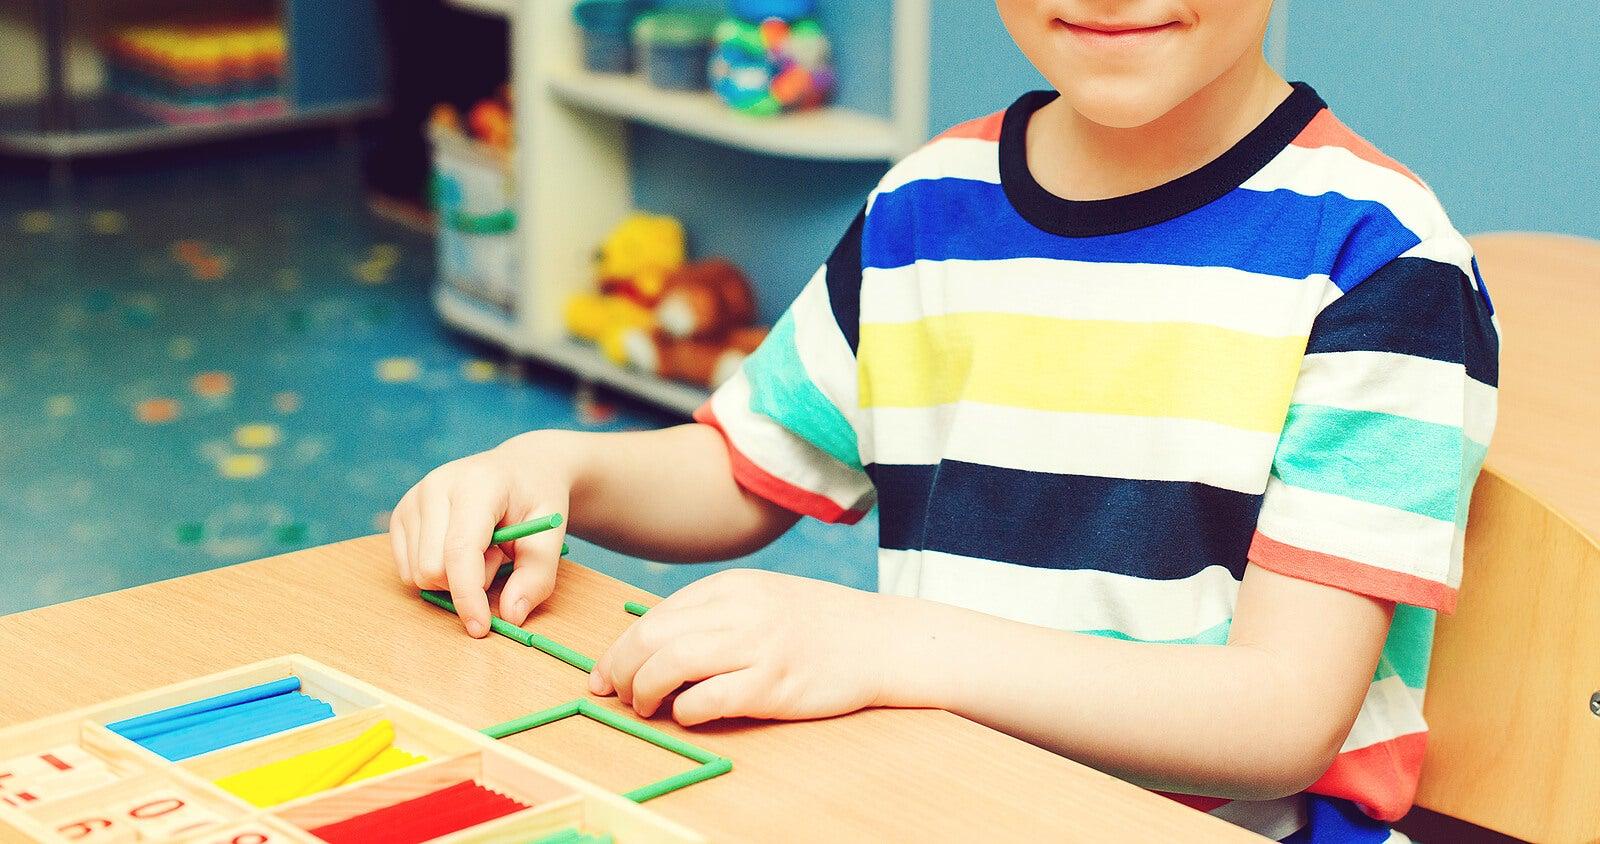 Niño aprendiendo a multiplicar gracias a la tabla de Pitágoras.